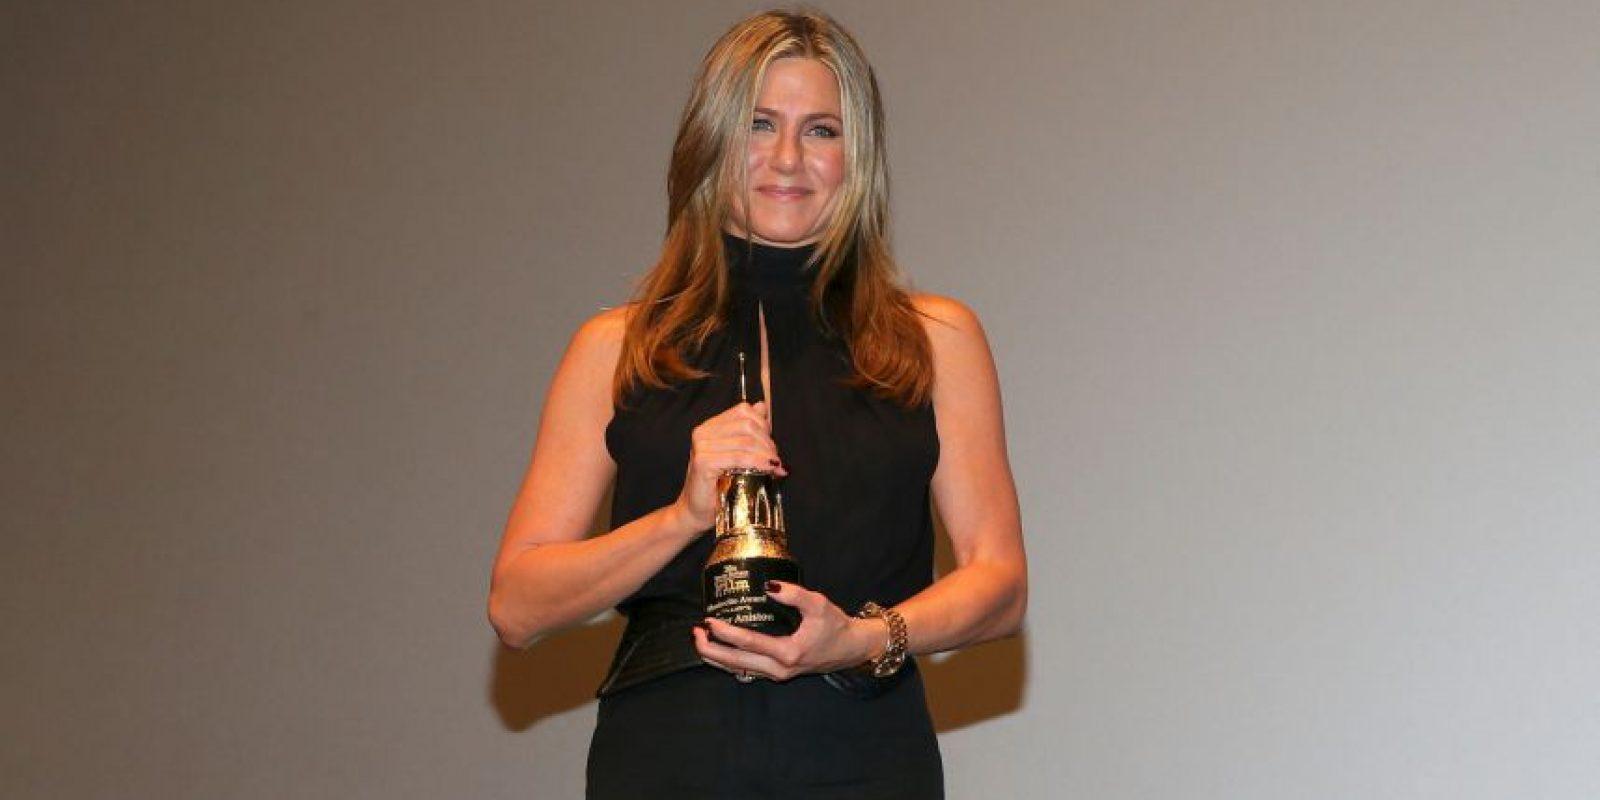 La protagonista de la película podría ser Jennifer Aniston Foto:Getty Images